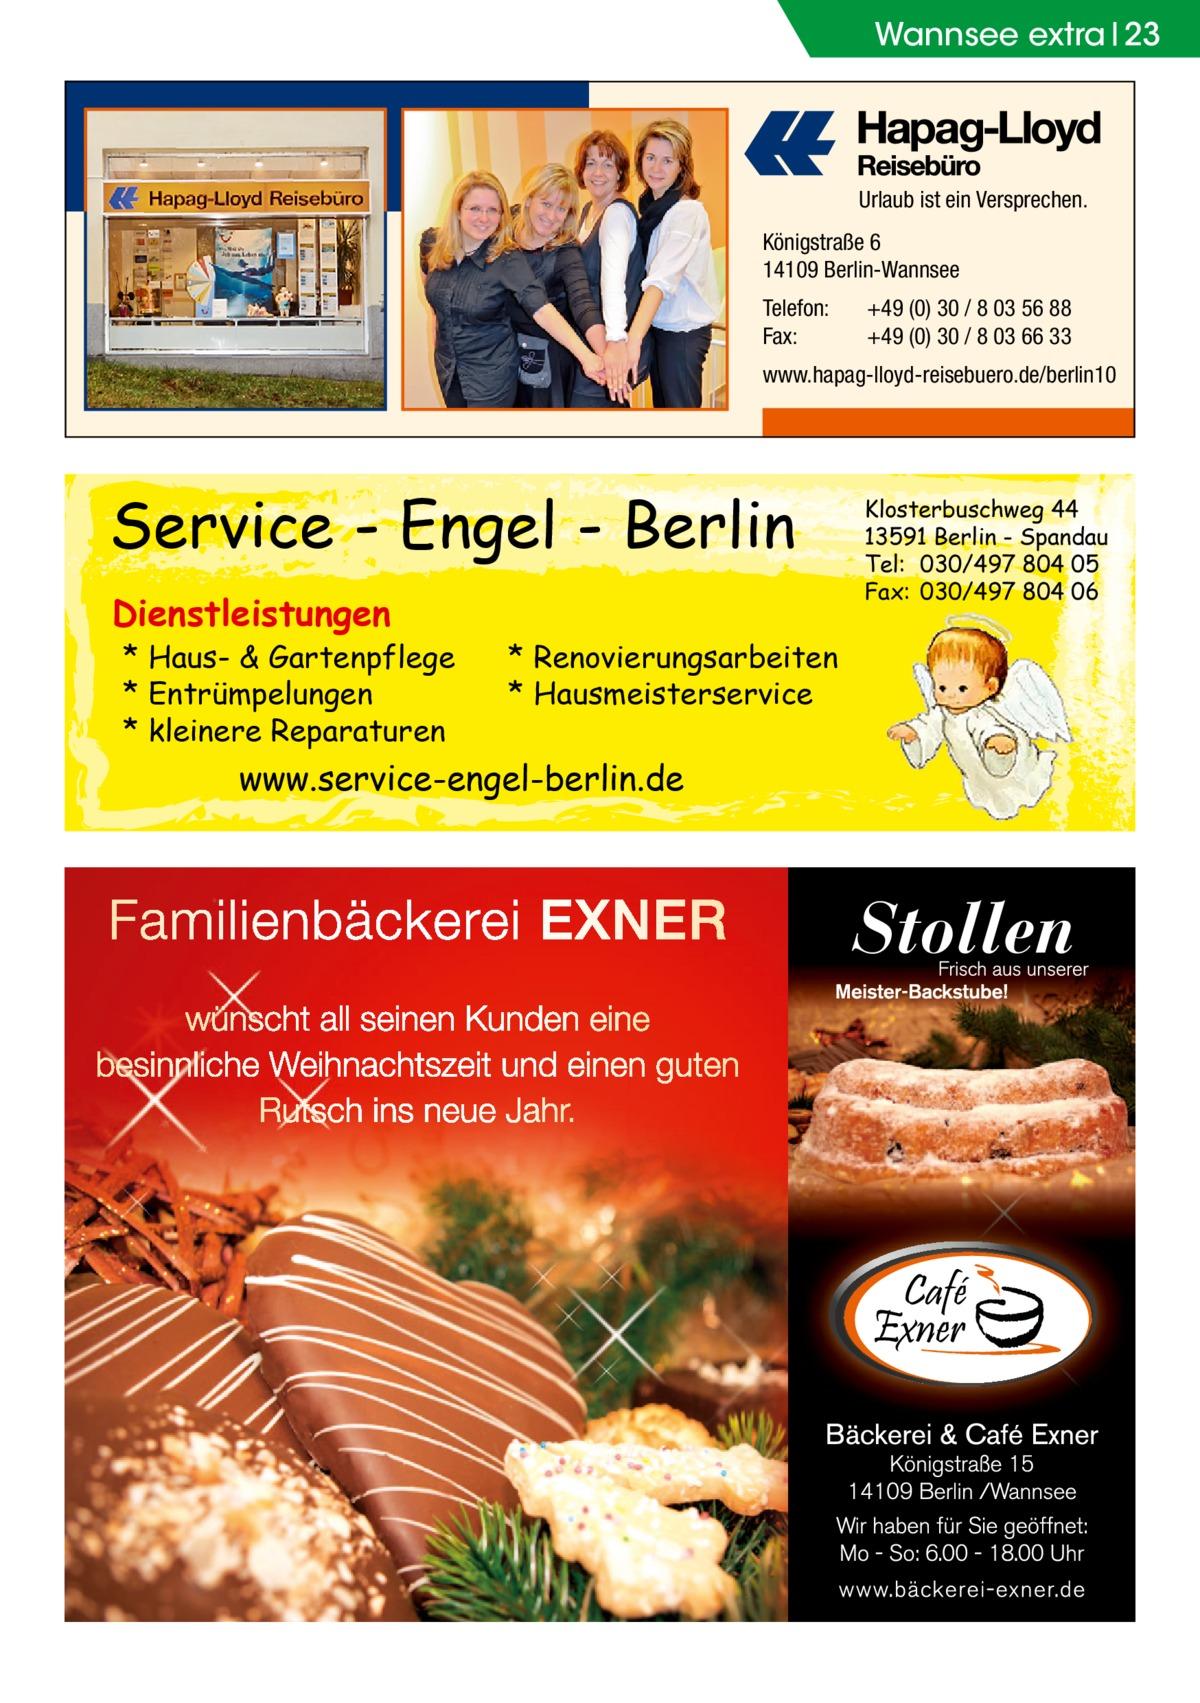 Wannsee extra 23  Urlaub ist ein Versprechen. Königstraße 6 14109 Berlin-Wannsee Telefon: Fax:  +49 (0) 30 / 8 03 56 88 +49 (0) 30 / 8 03 66 33  www.hapag-lloyd-reisebuero.de/berlin10  Service - Engel - Berlin Dienstleistungen  * Haus- & Gartenpflege * Entrümpelungen * kleinere Reparaturen  * Renovierungsarbeiten * Hausmeisterservice  www.service-engel-berlin.de  Klosterbuschweg 44 13591 Berlin - Spandau Tel: 030/497 804 05 Fax: 030/497 804 06